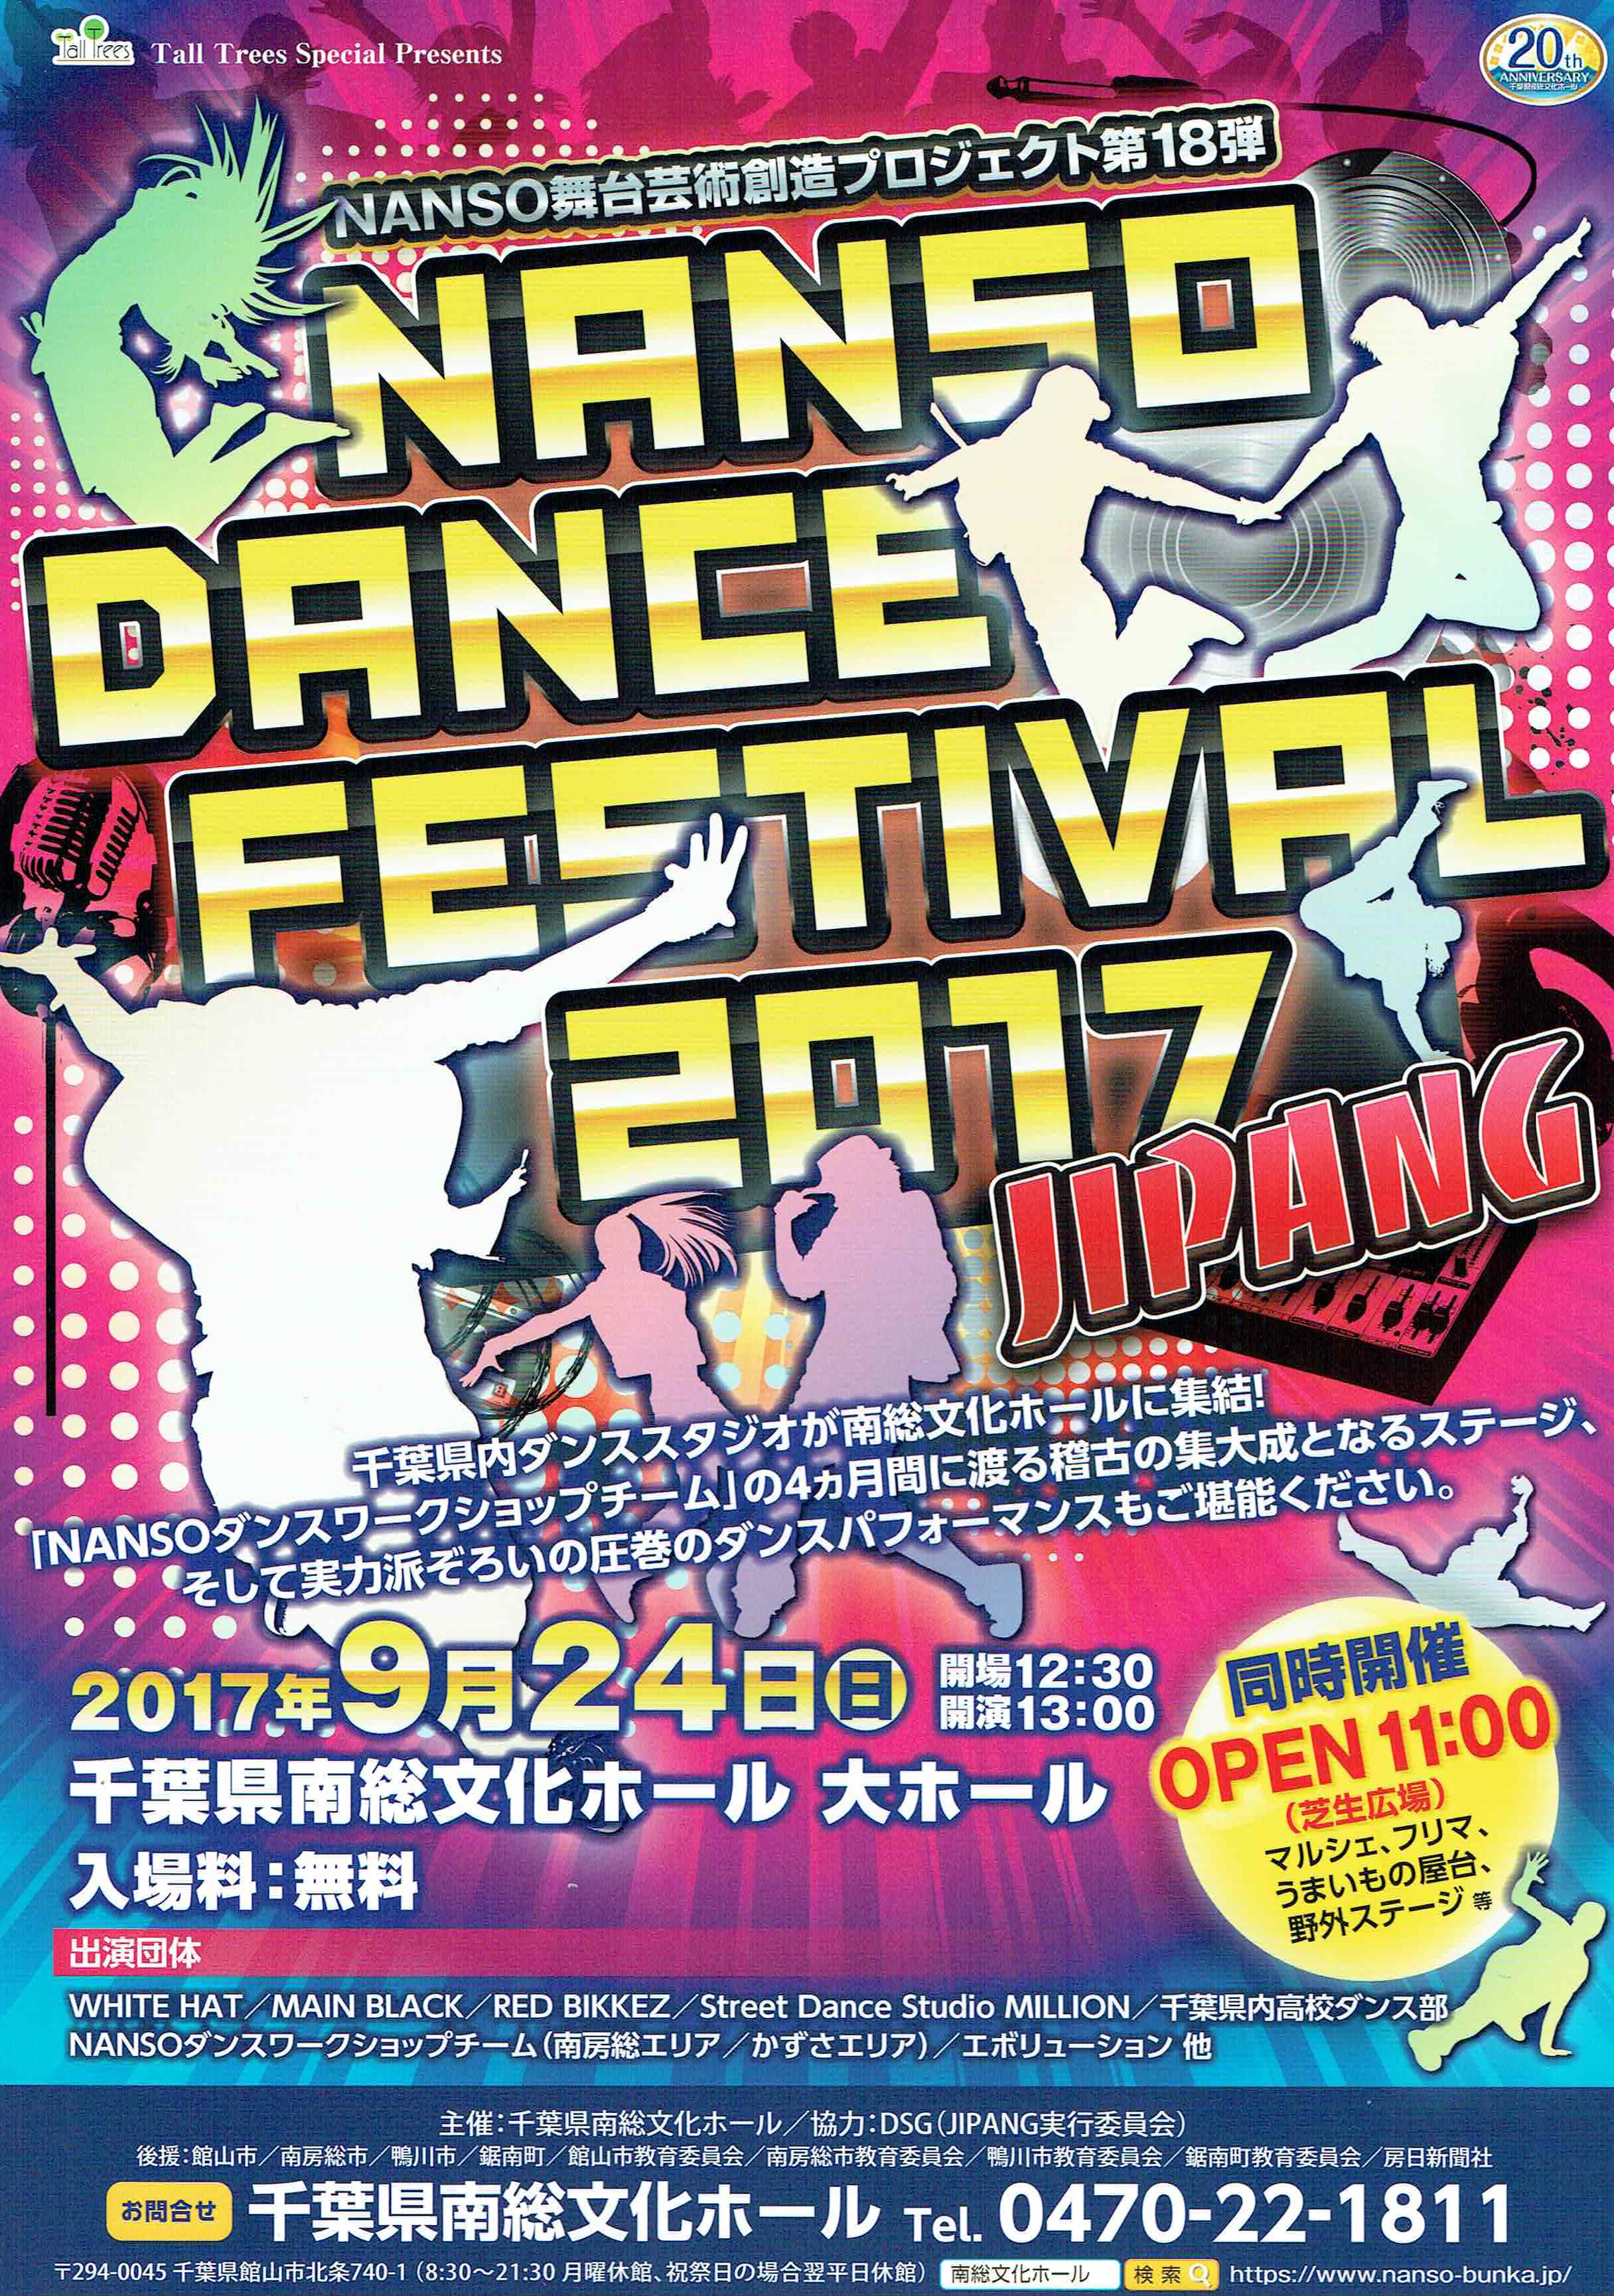 南総ダンスフェスティバル2017